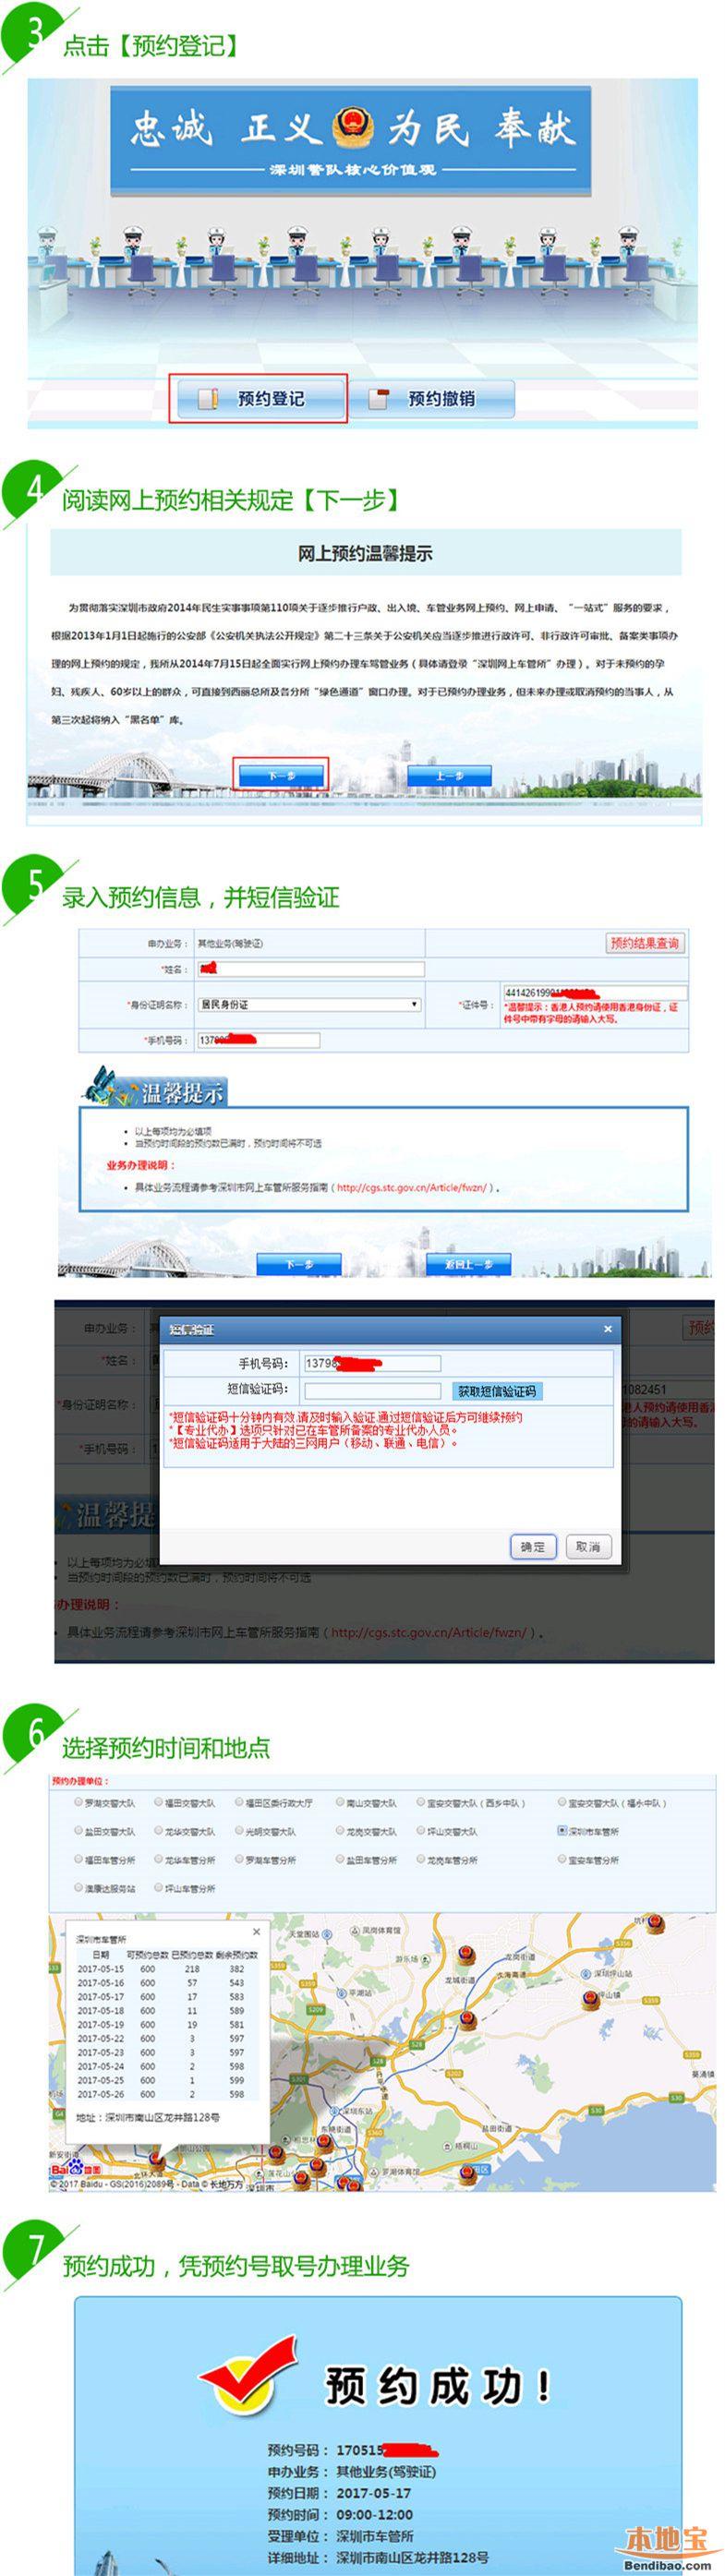 深圳驾驶证业务预约指引(官网+微信)